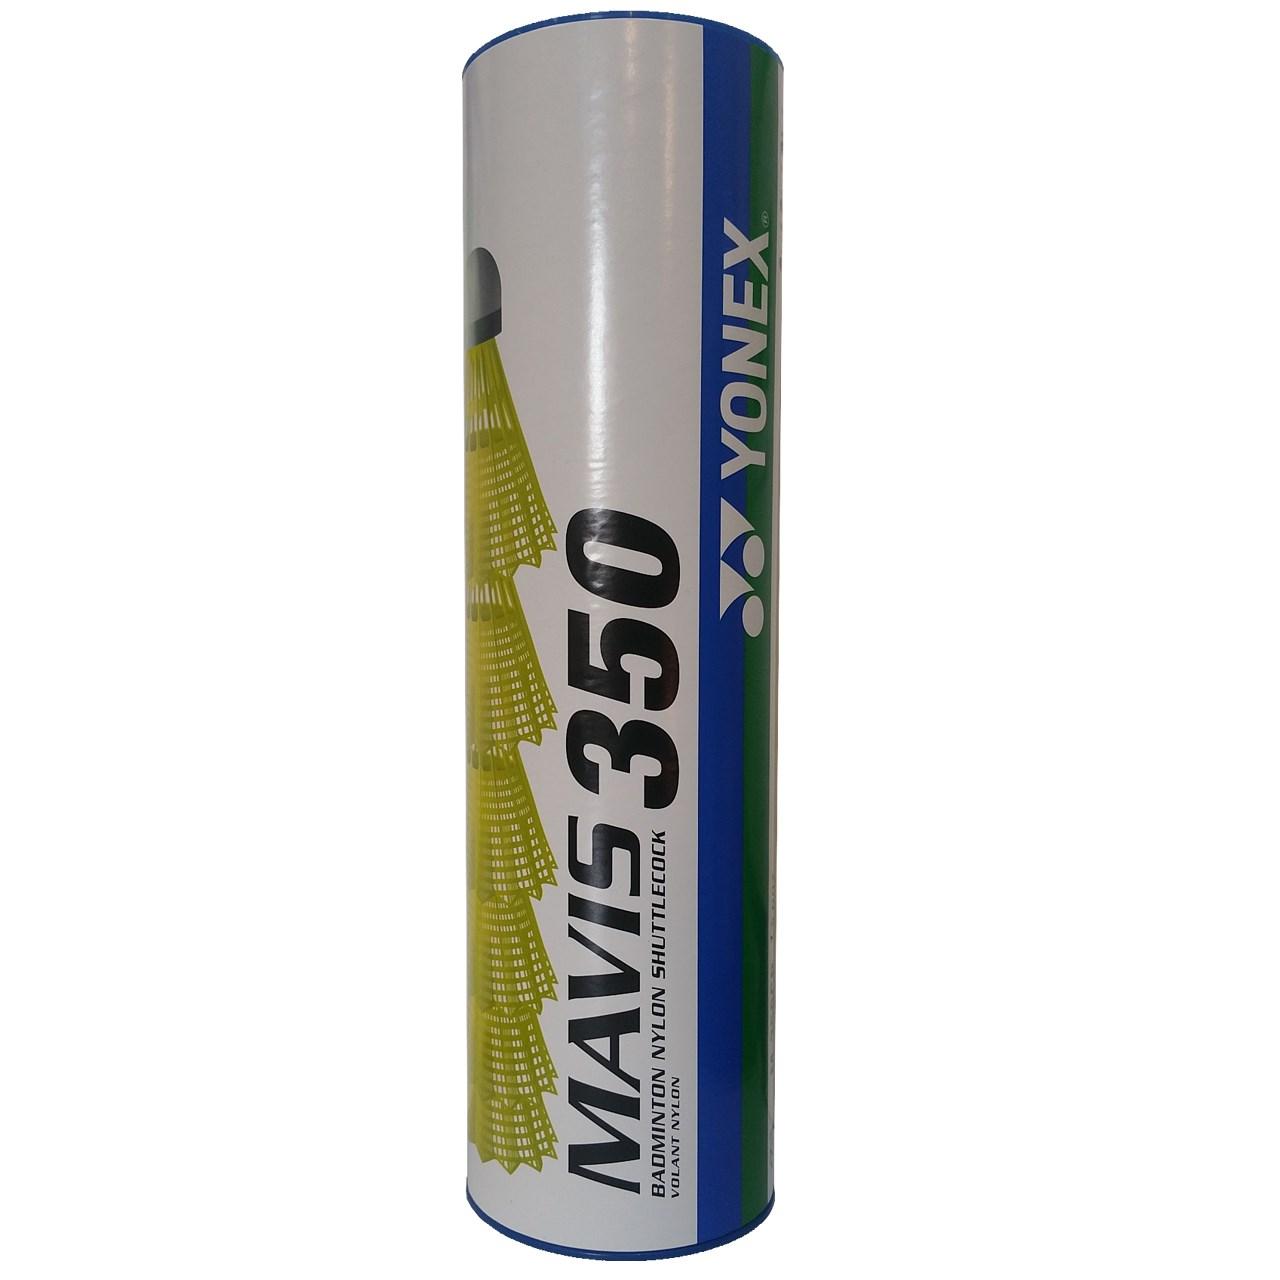 توپ بدمینتون یونکس مدل زرد فسفری Mavis 350 بسته 6 عددی